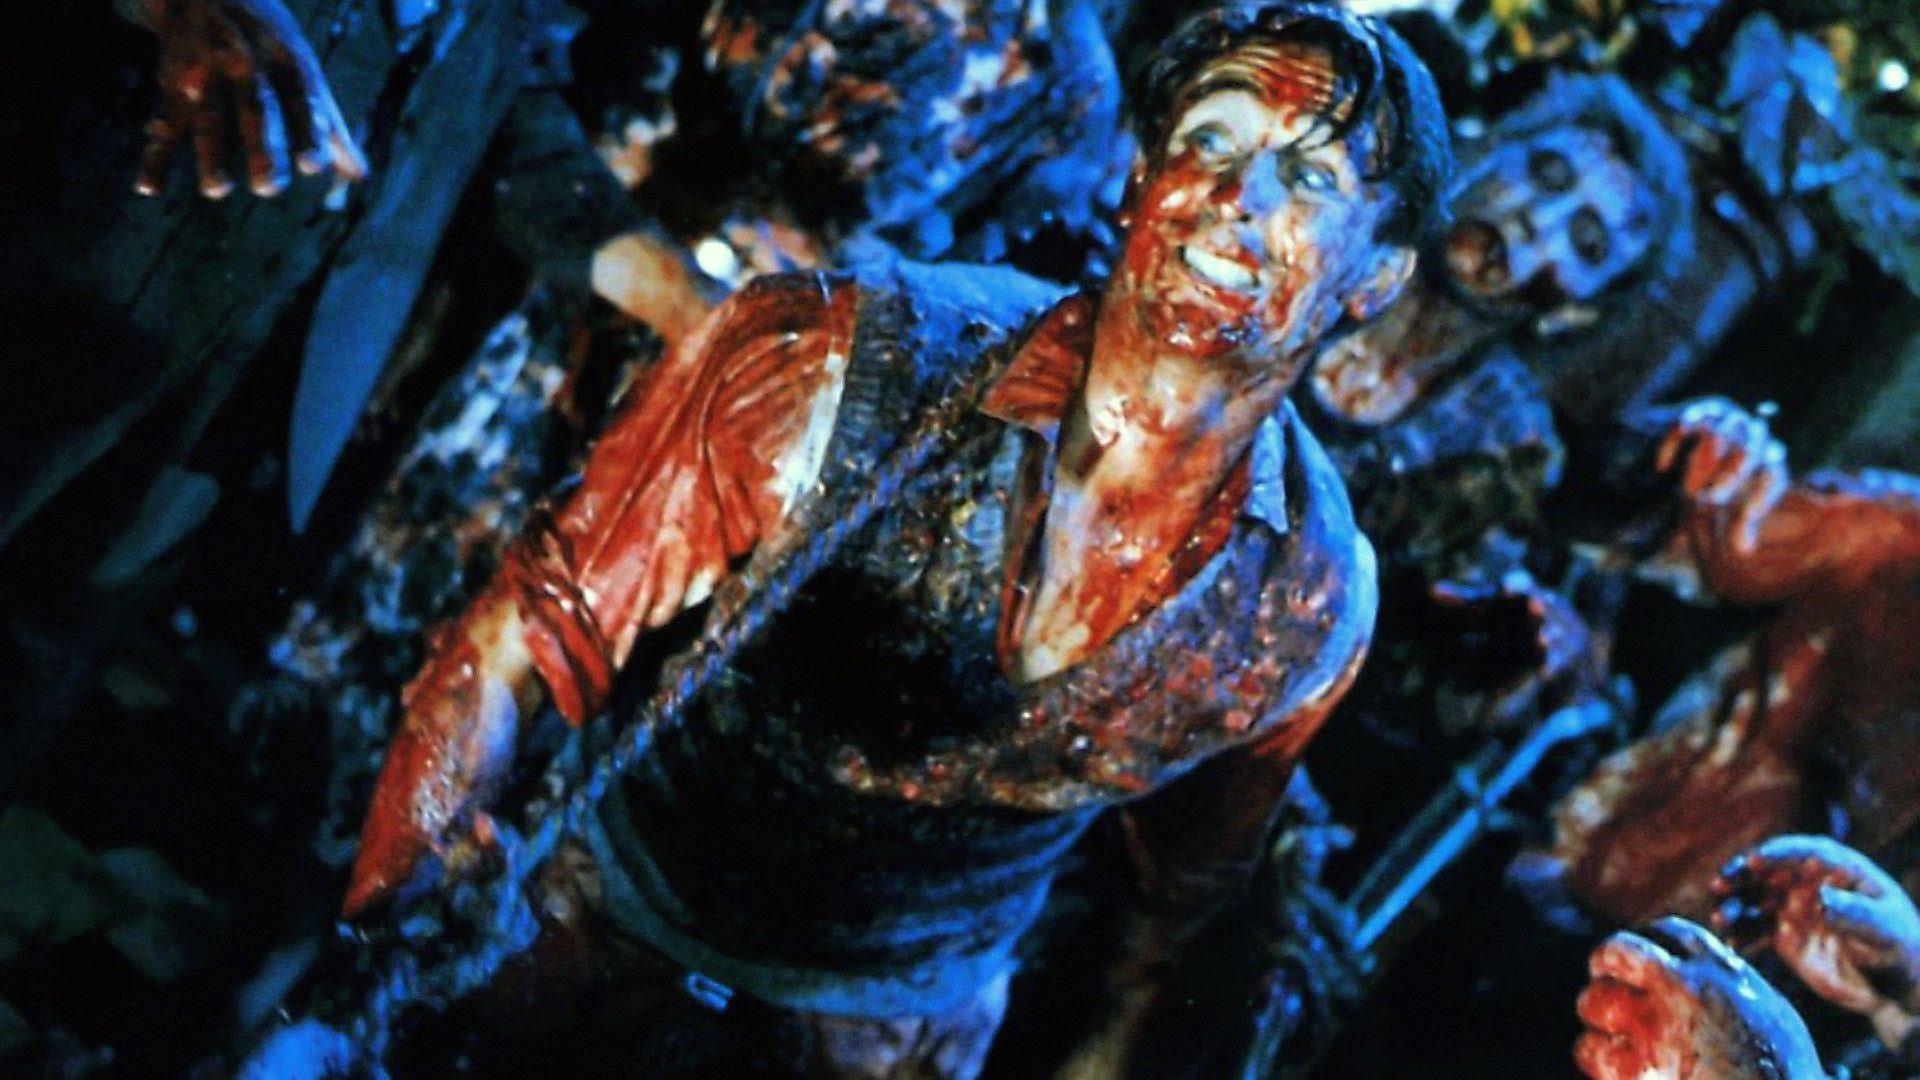 10 ütős zombifilm, amiről könnyedén lemaradhattál